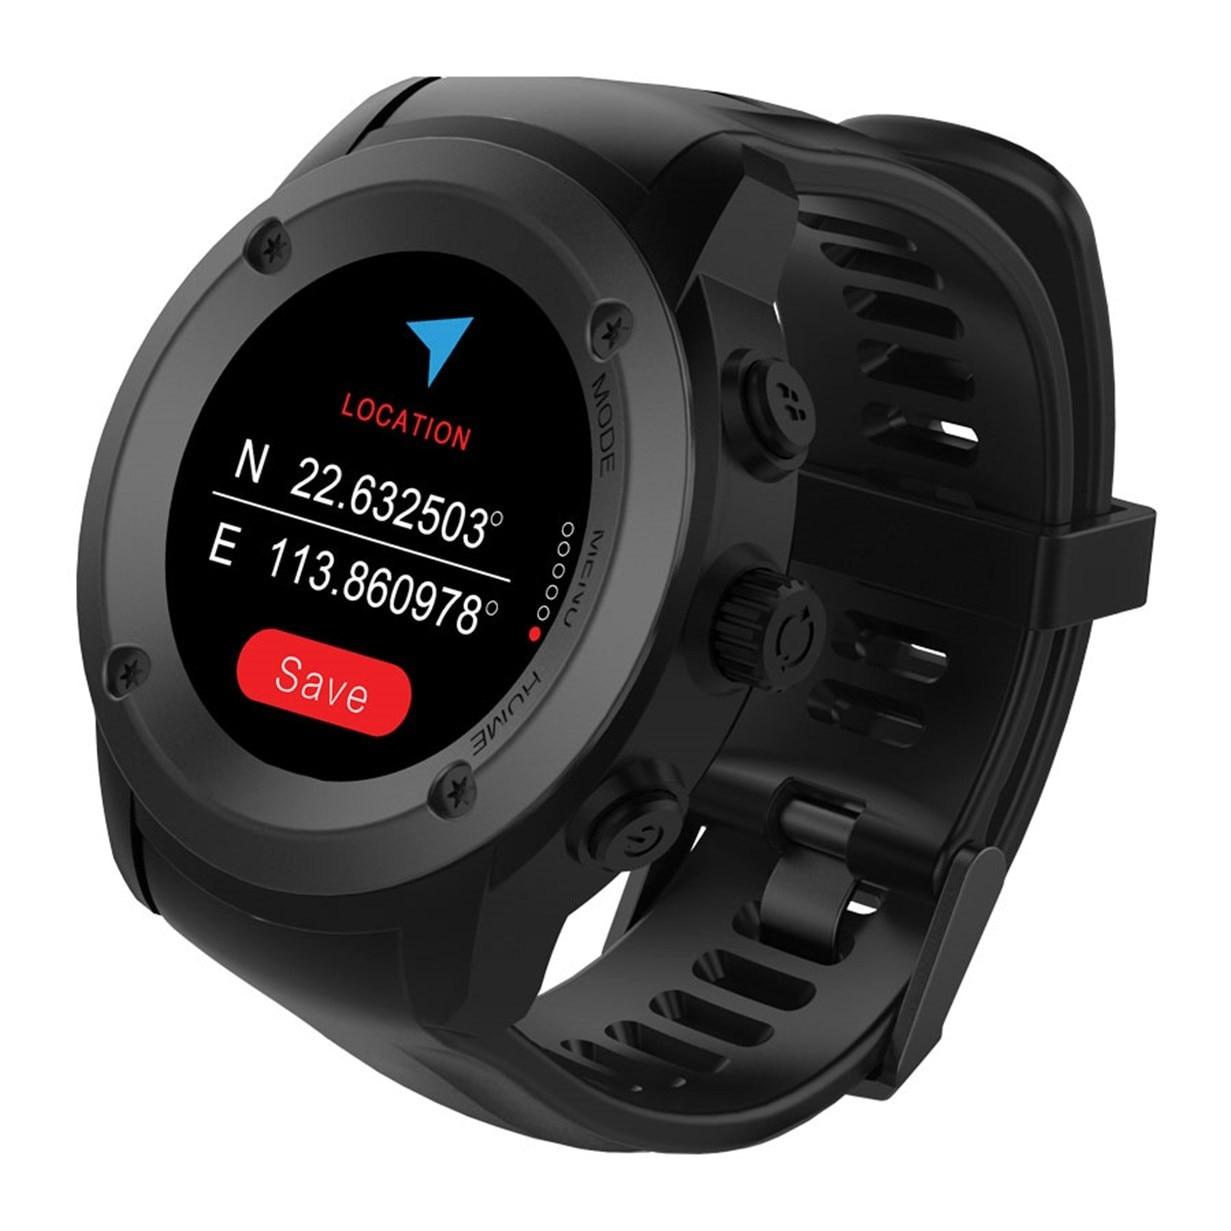 Fotografie Ceas smartwatch MaxCom FitGo FW17 Power, GPS, Sport band, Black